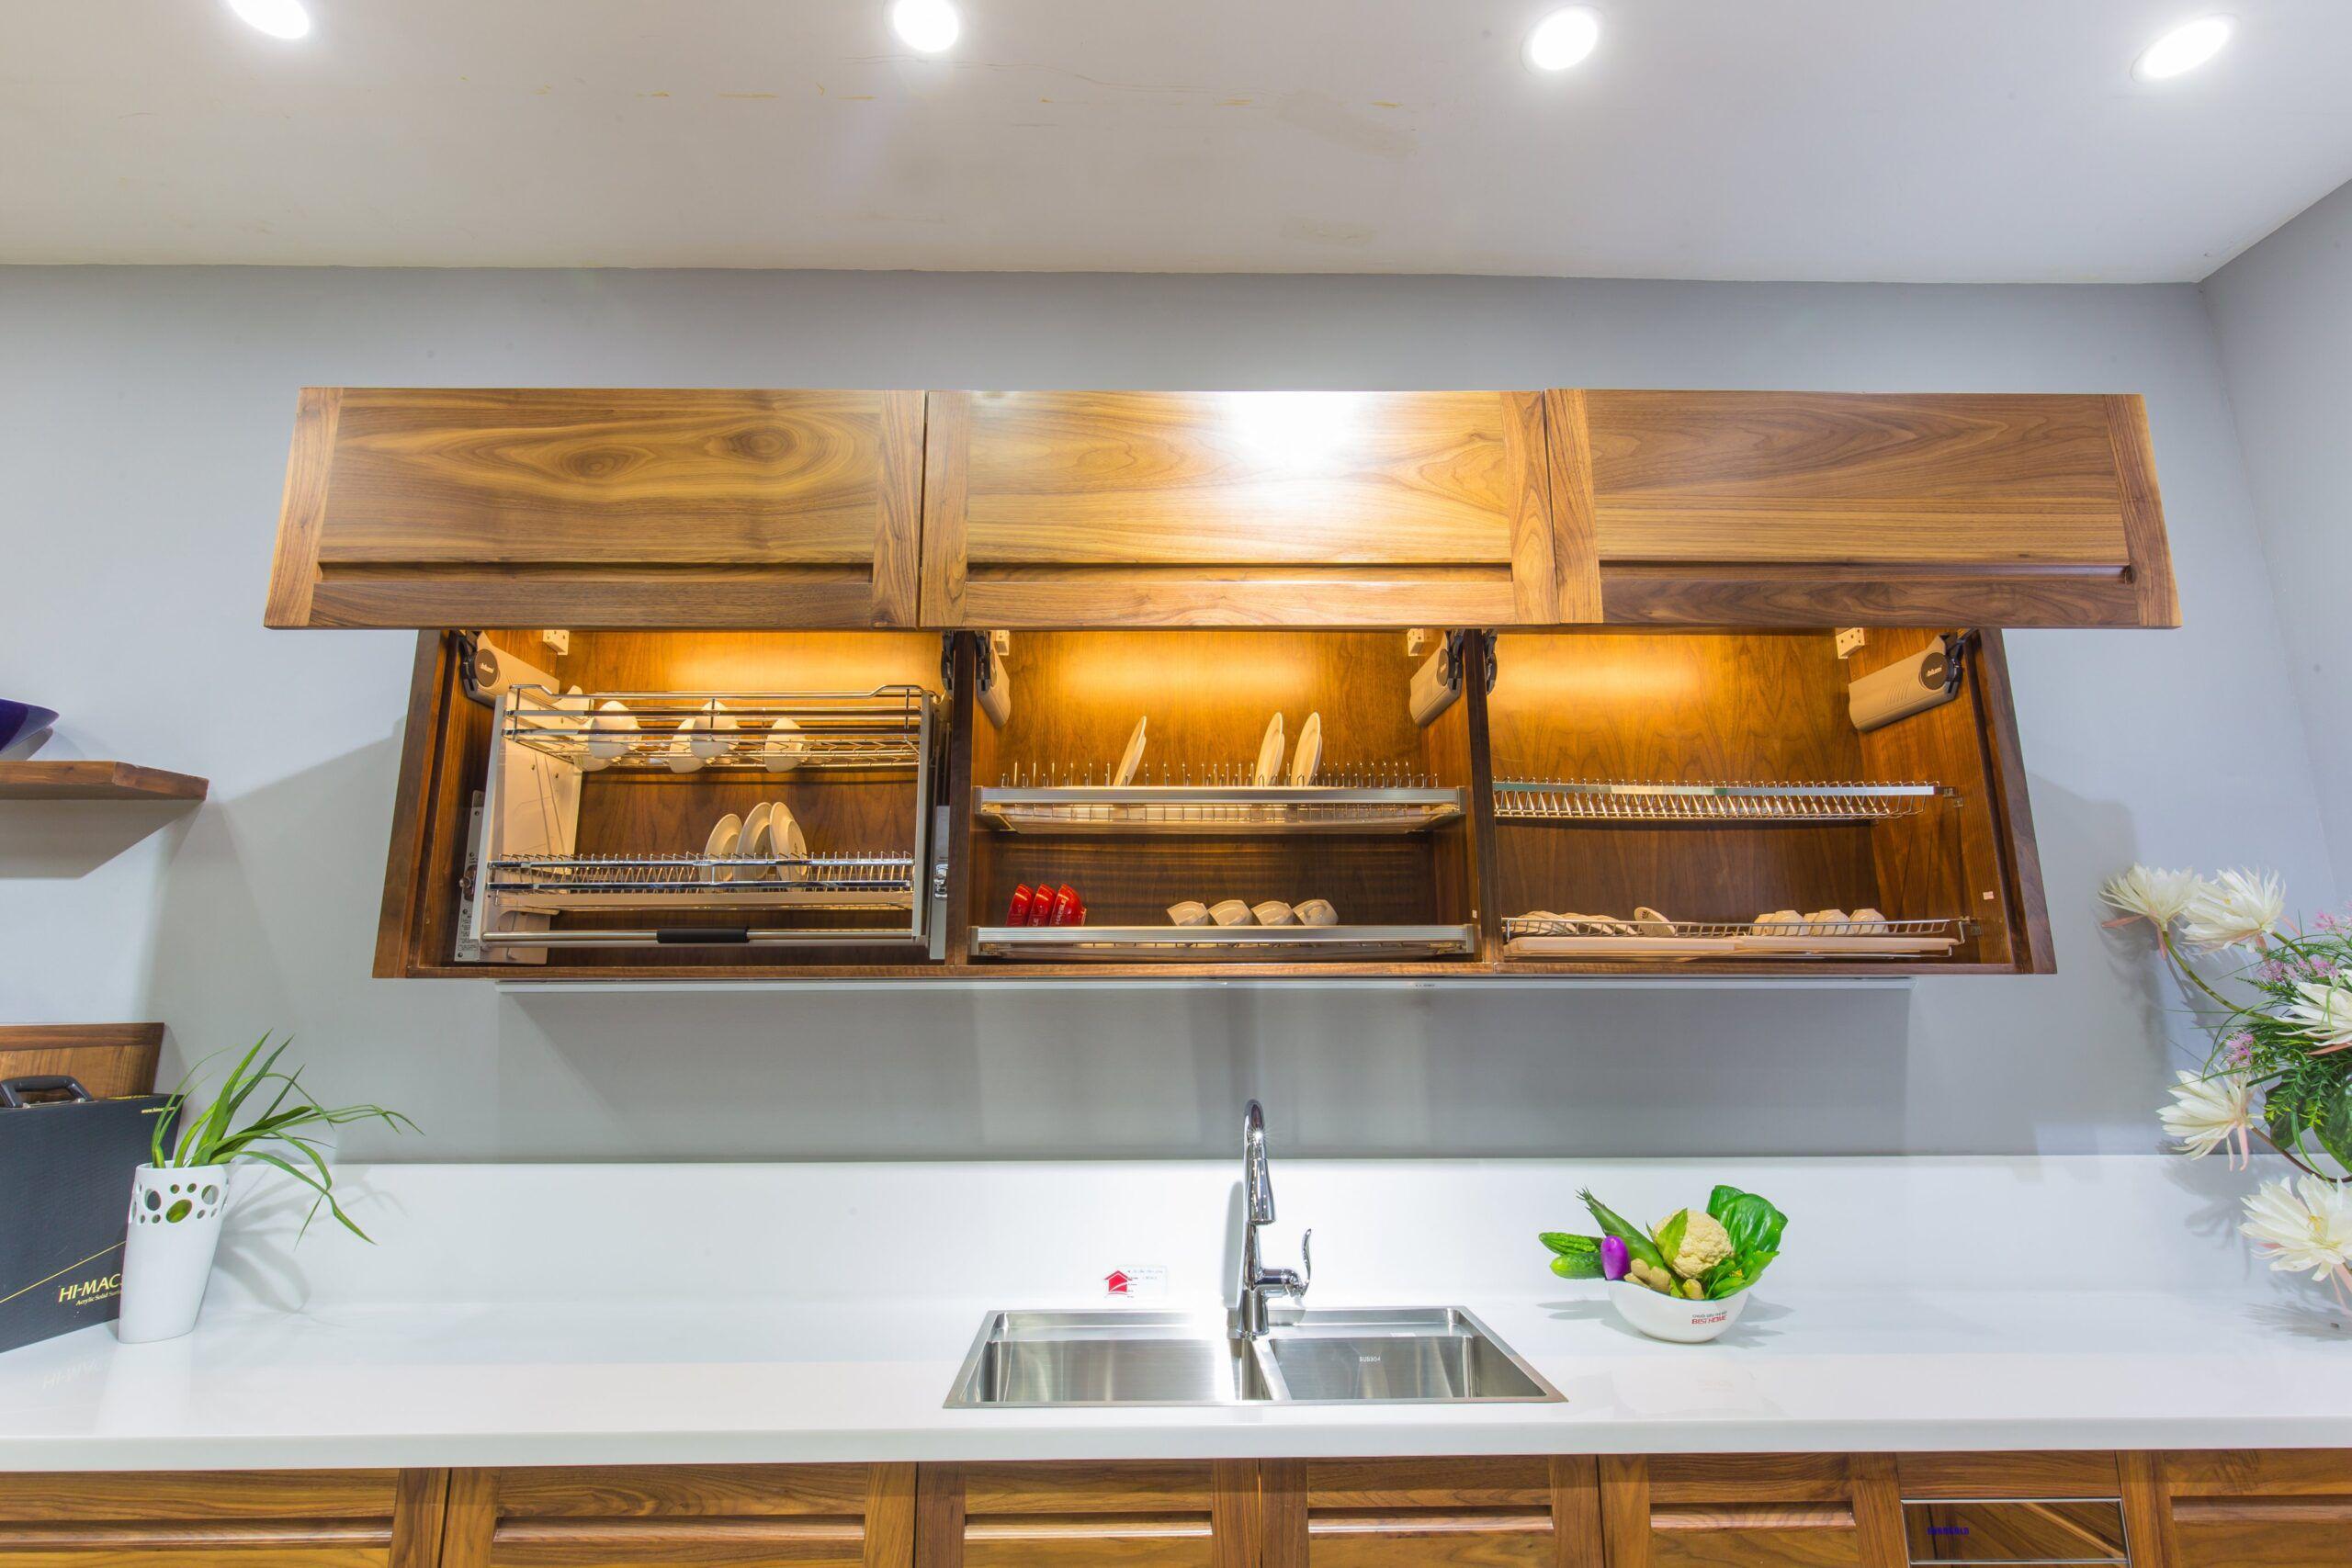 Quy tình thiết kế thi công tủ bếp và báo giá tủ bếp mới nhất 2021 post image